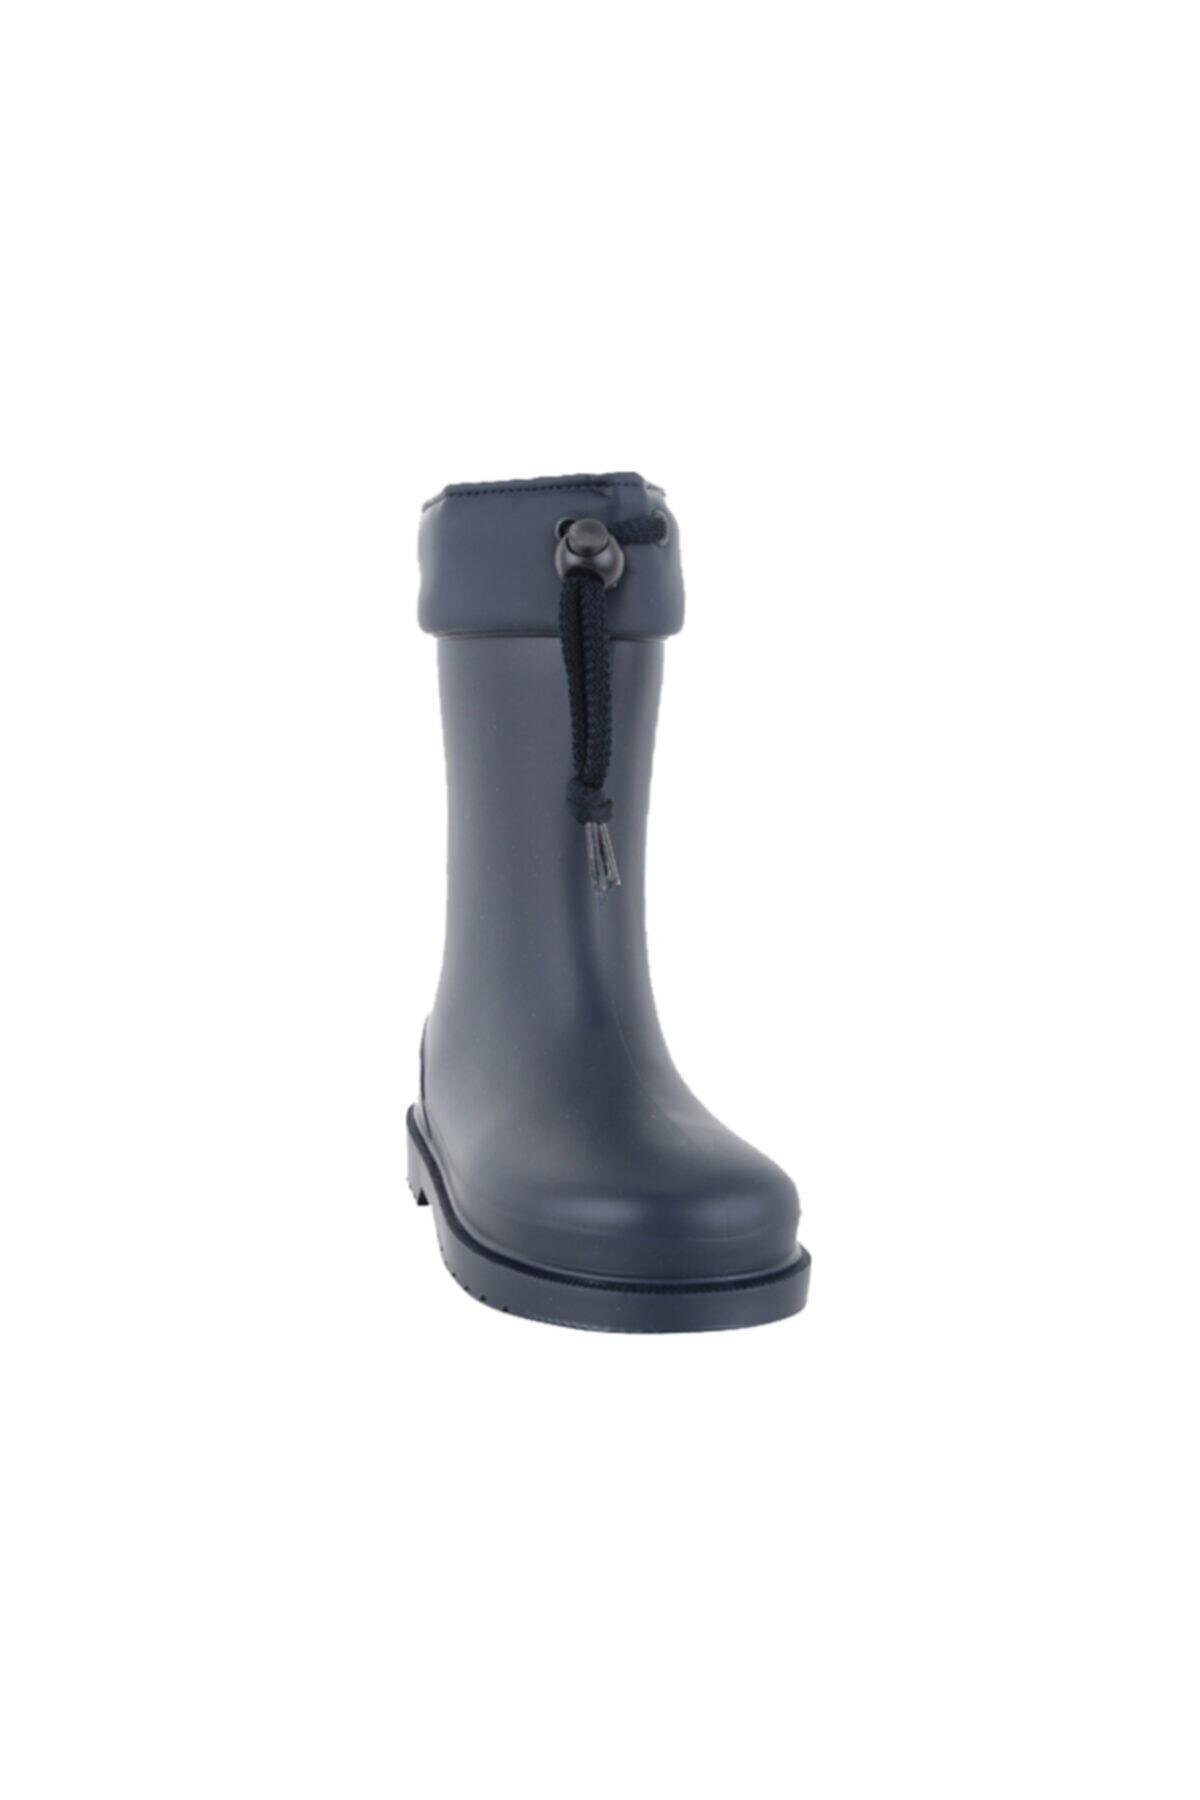 IGOR W10100 Chufo Cuello-003 Lacivert Unisex Çocuk Yağmur Çizmesi 100386300 1